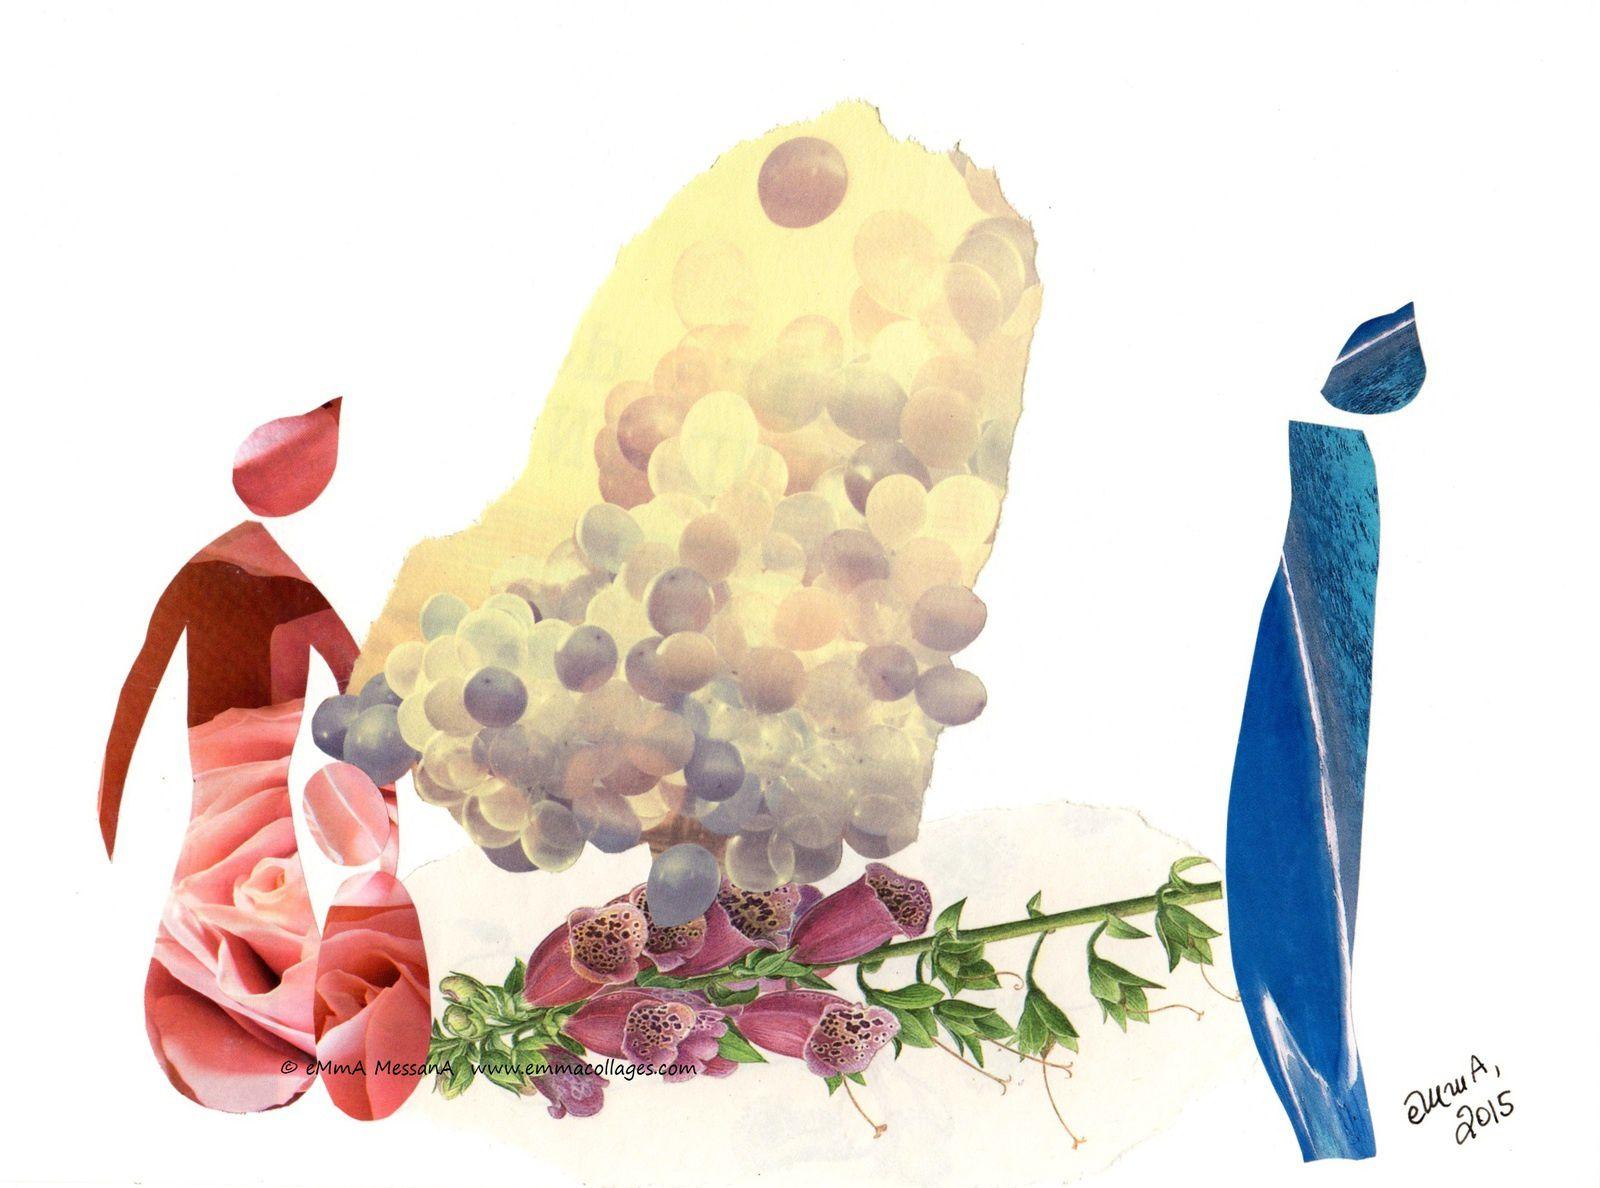 """Les Collages d'eMmA MessanA, collage """"Une légère différence"""", pièce unique"""